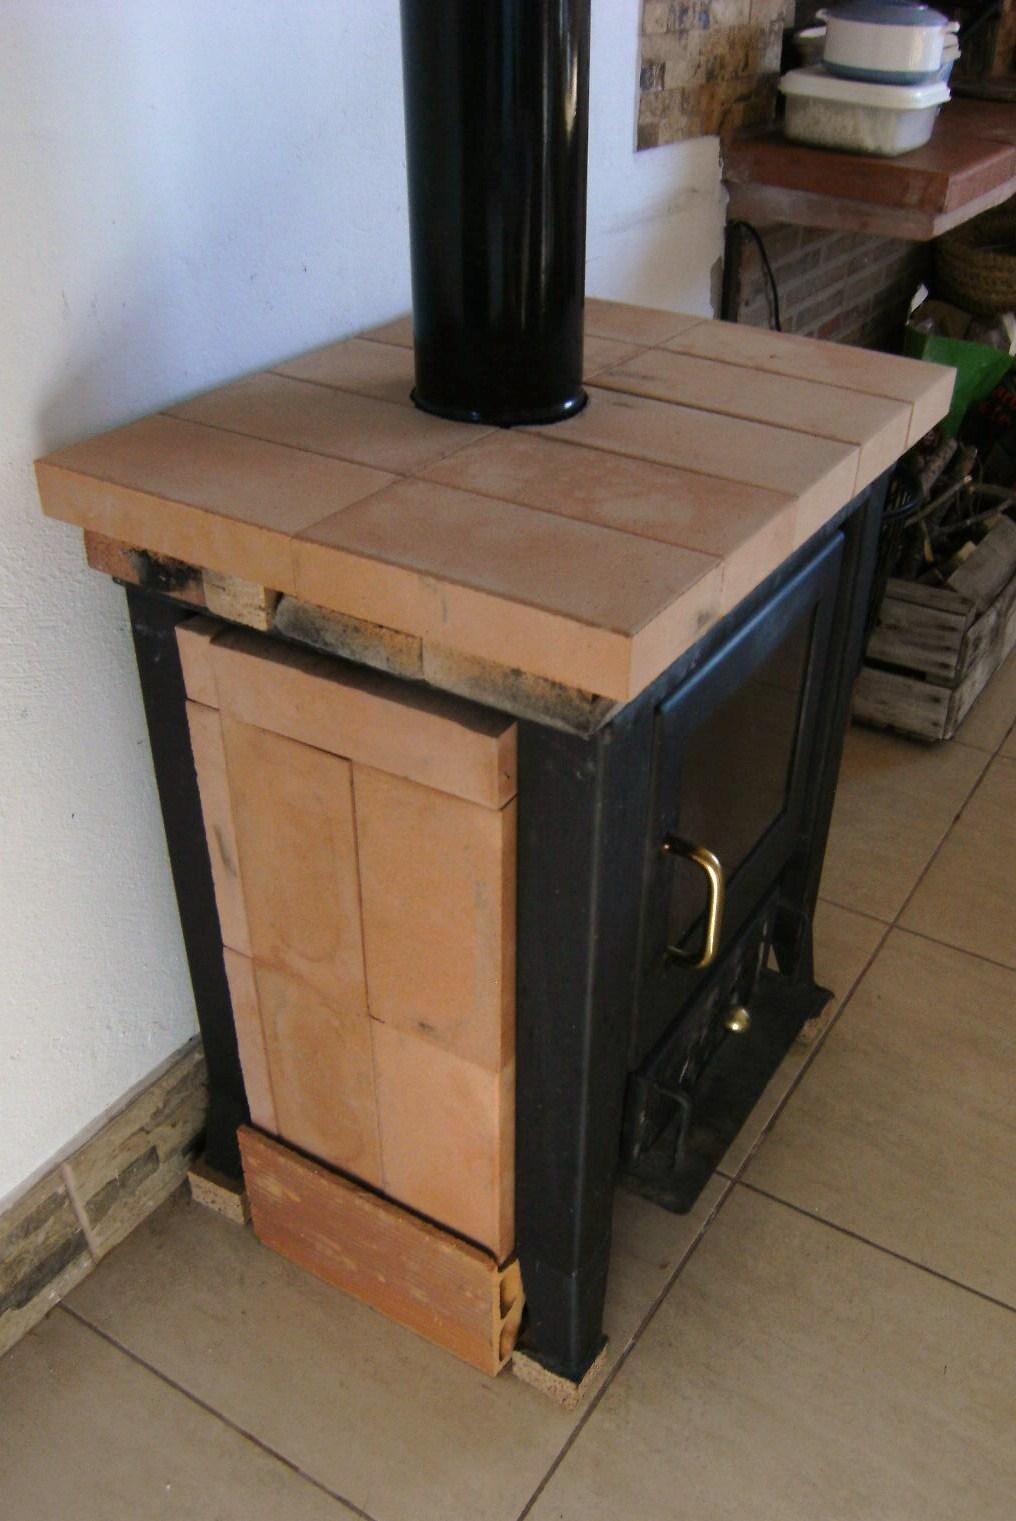 Energia solar casera y utiles enero 2012 for Planos para fabricar una cocina cohete